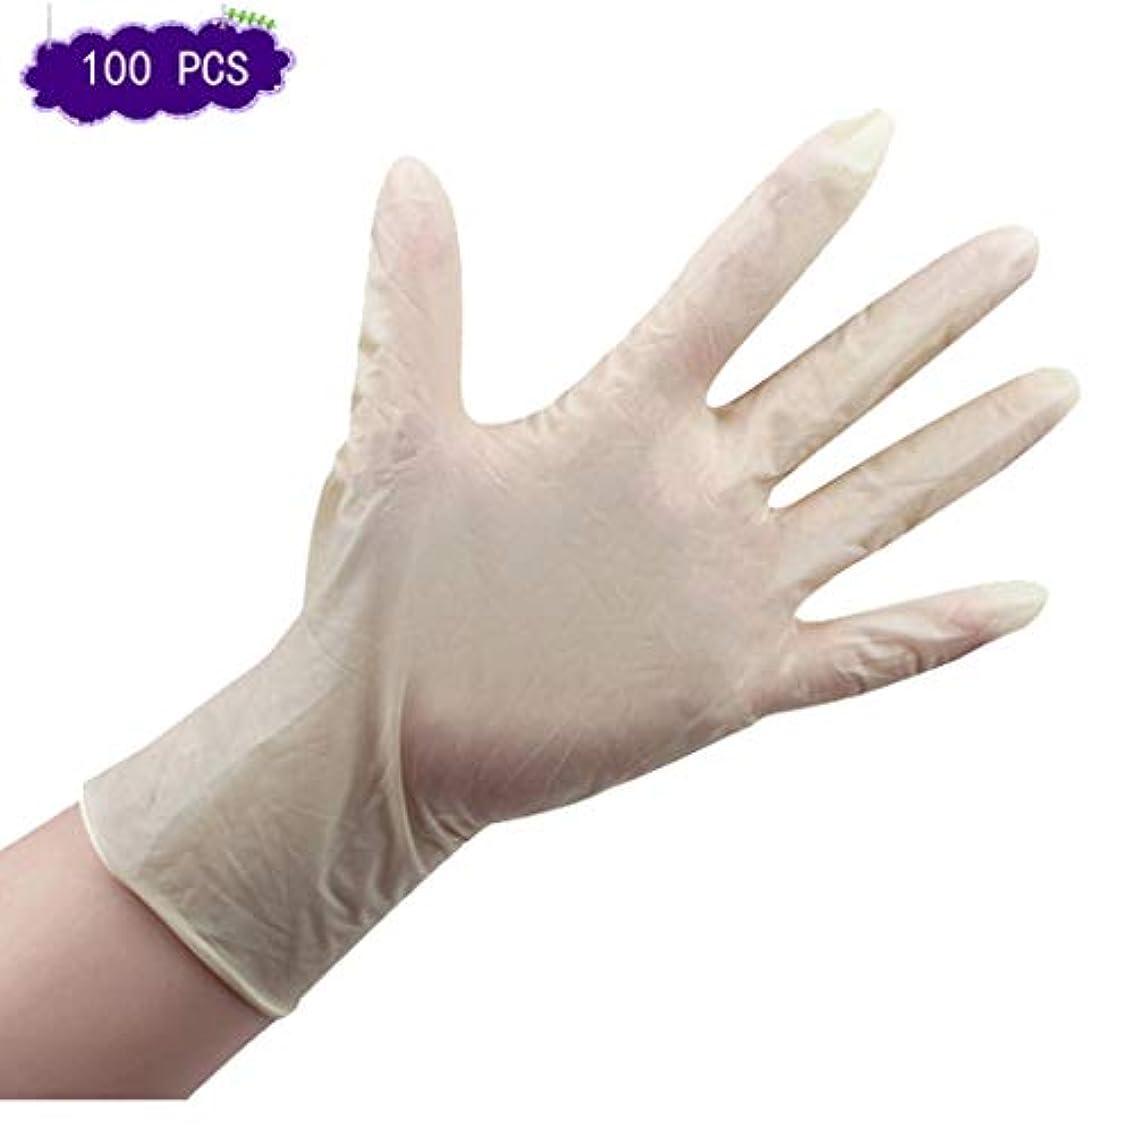 基準回転させるフラグラント9インチにアンチ油を医療ラテックス検査を厚く使い捨てラテックス手袋パウダーフリーのラテックス手袋9インチのアバタ (Color : 9 inch, Size : L)